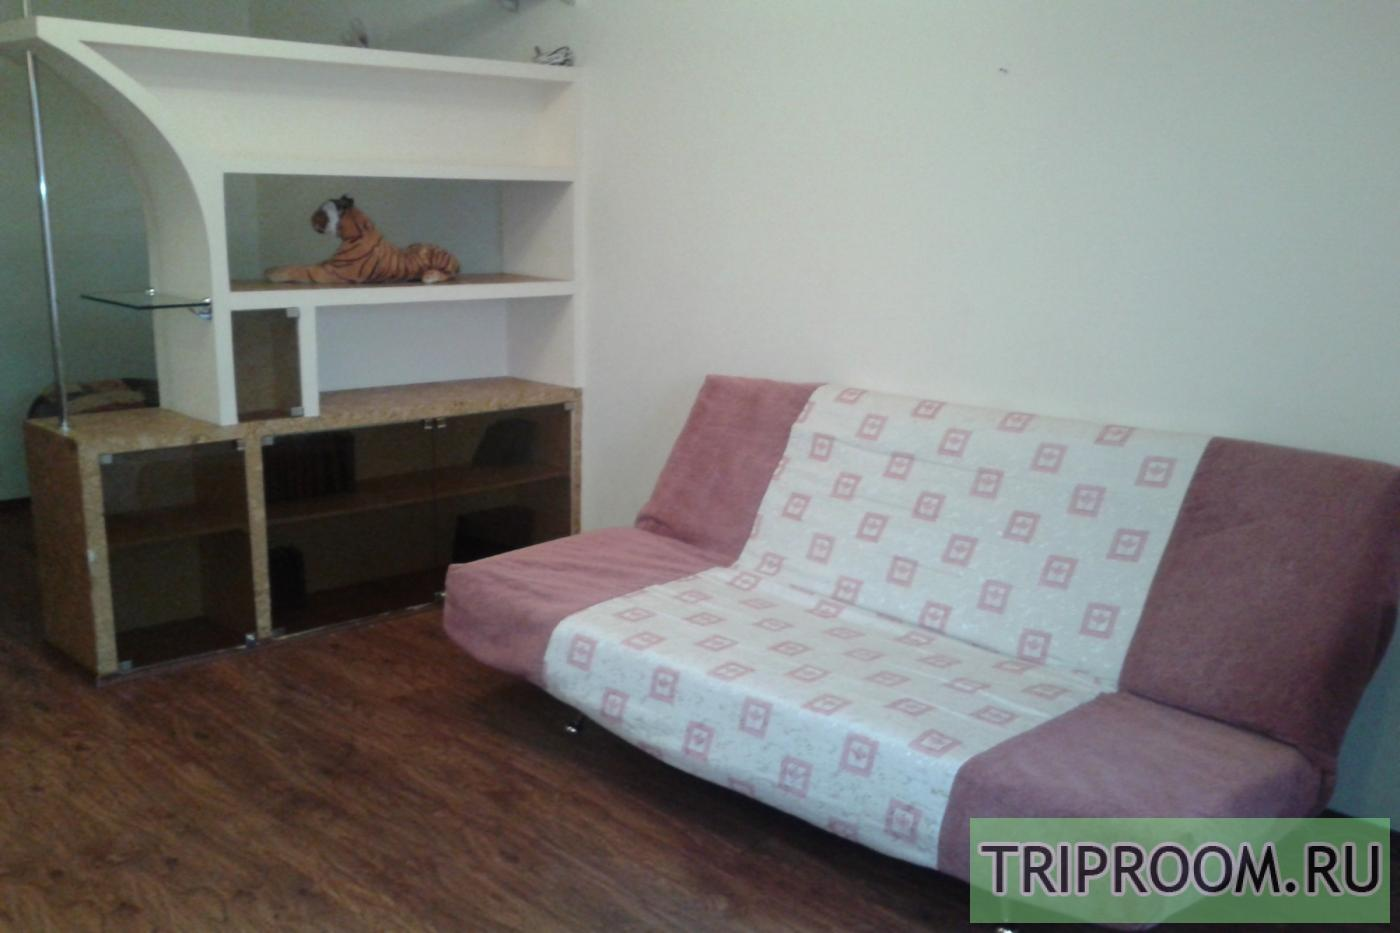 2-комнатная квартира посуточно (вариант № 15496), ул. Коминтерна улица, фото № 2